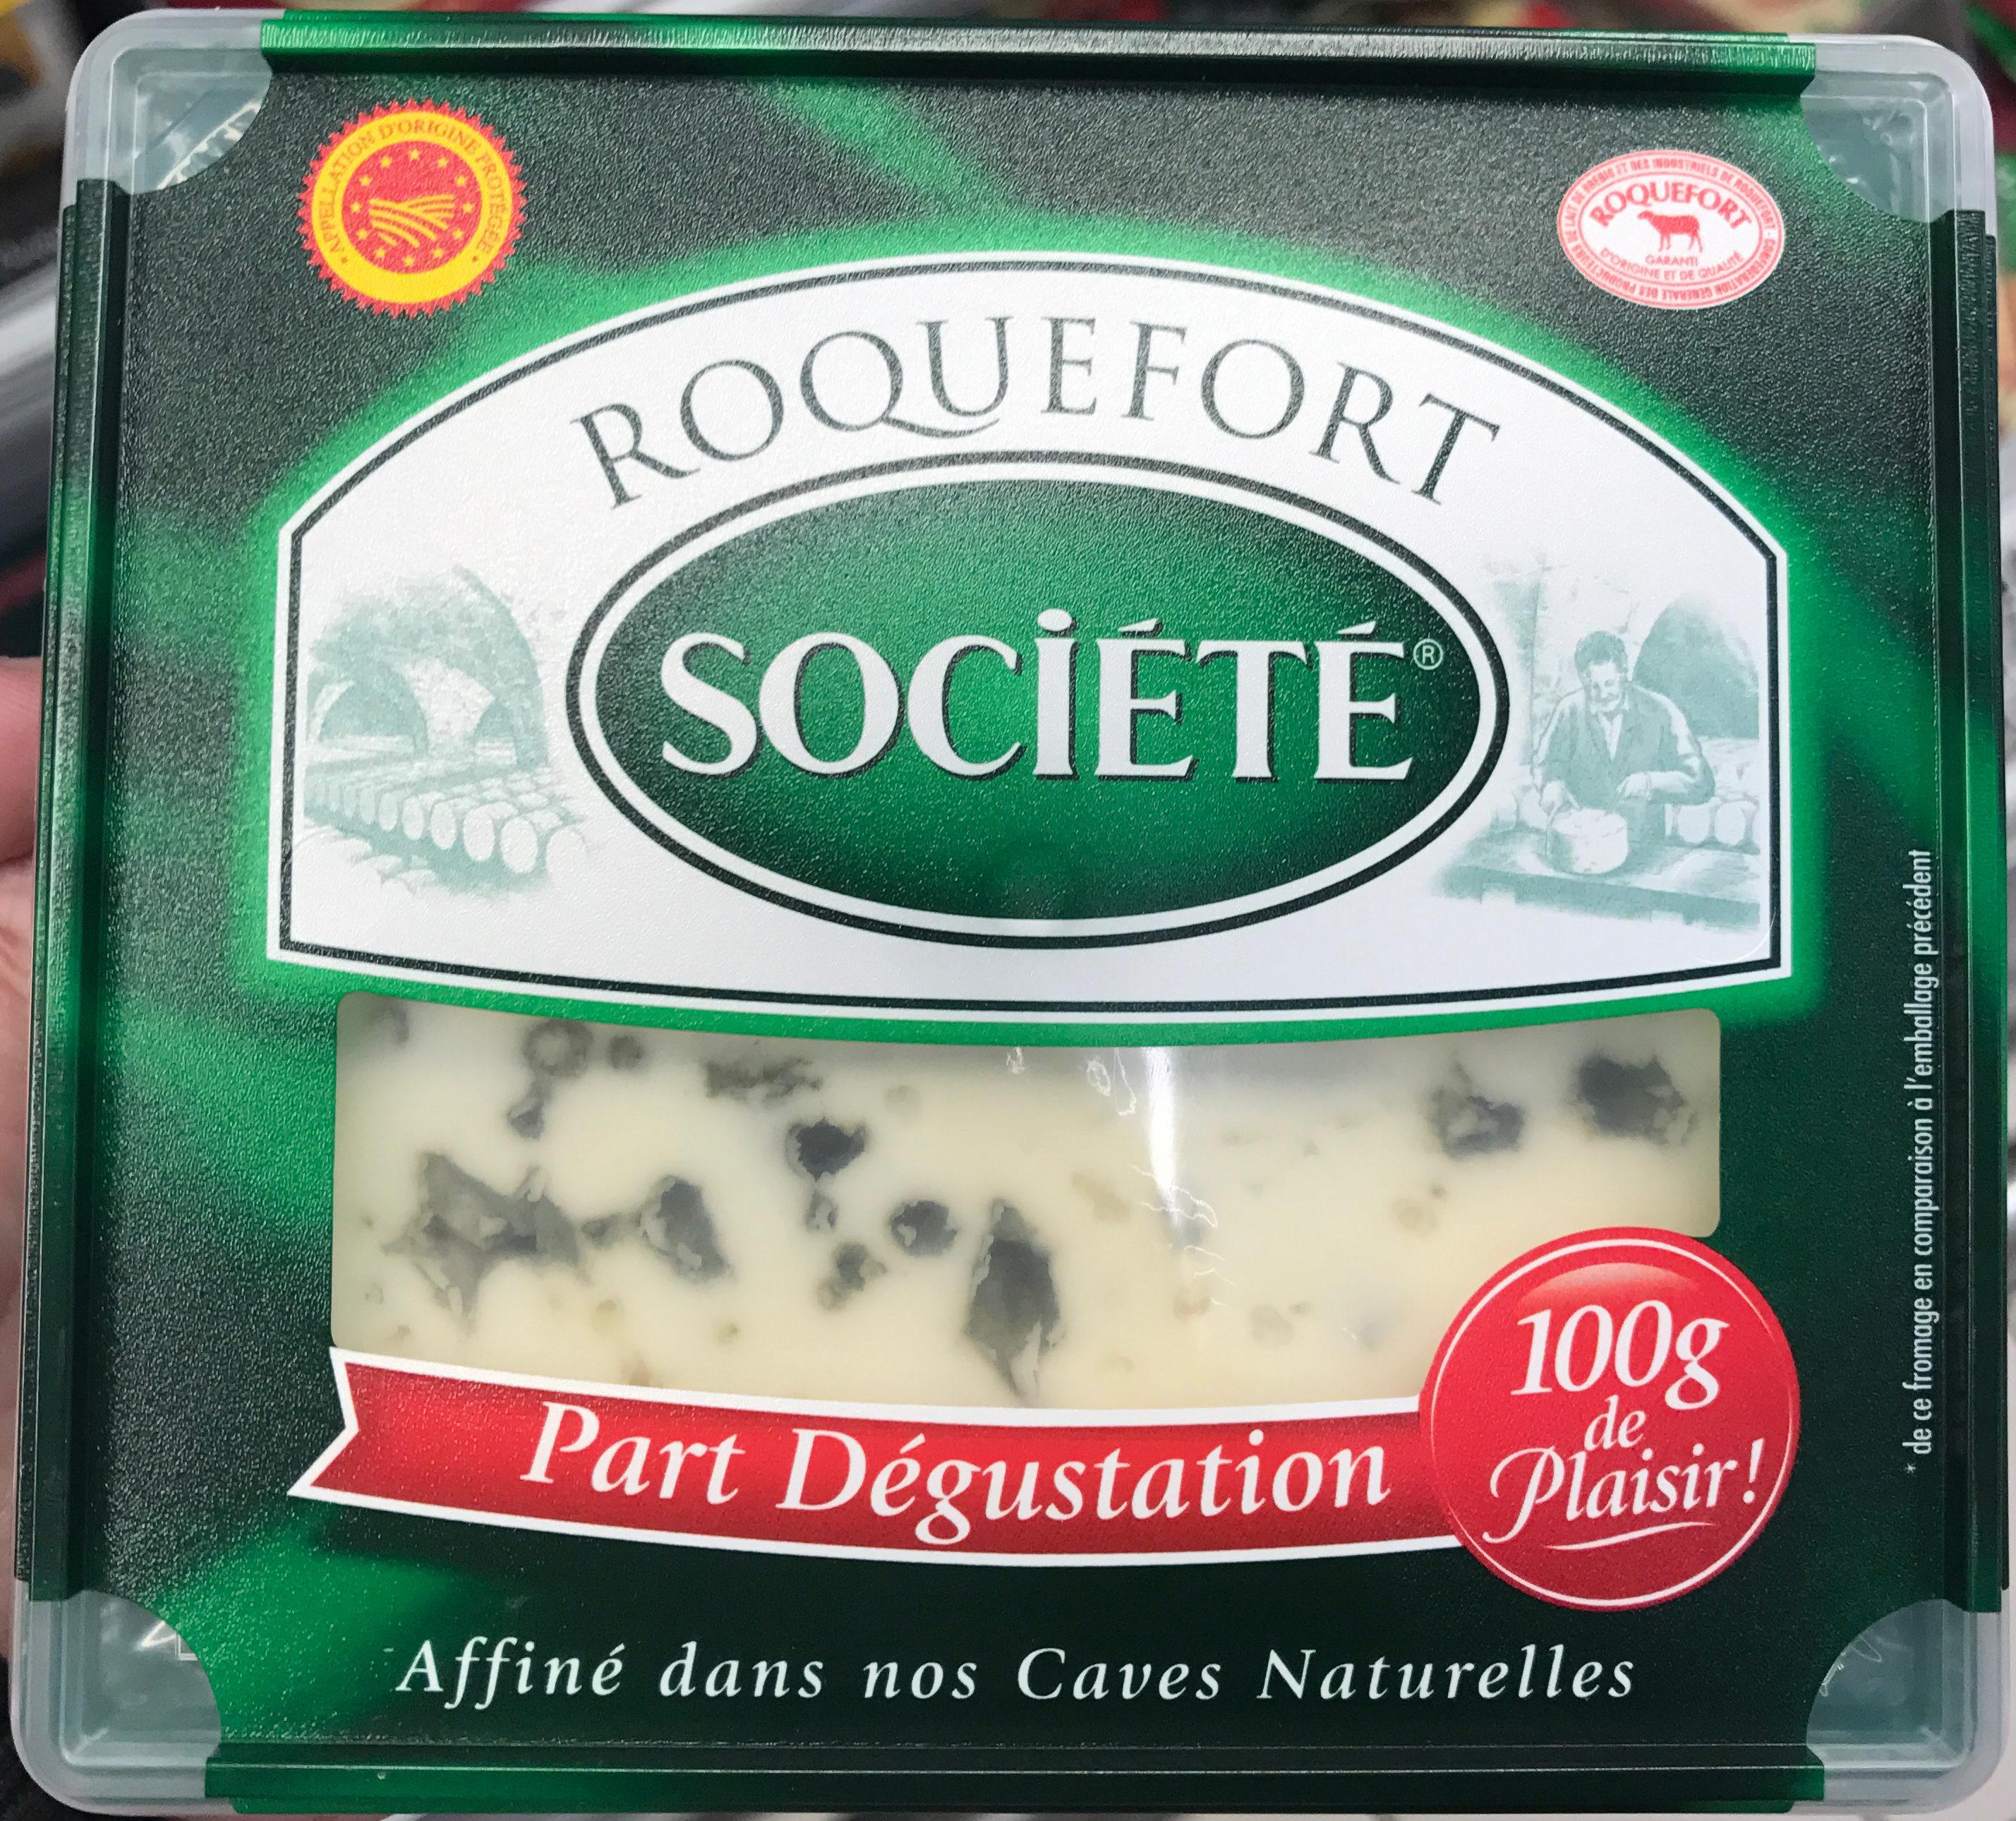 Roquefort AOP (part dégustation) - Produit - fr